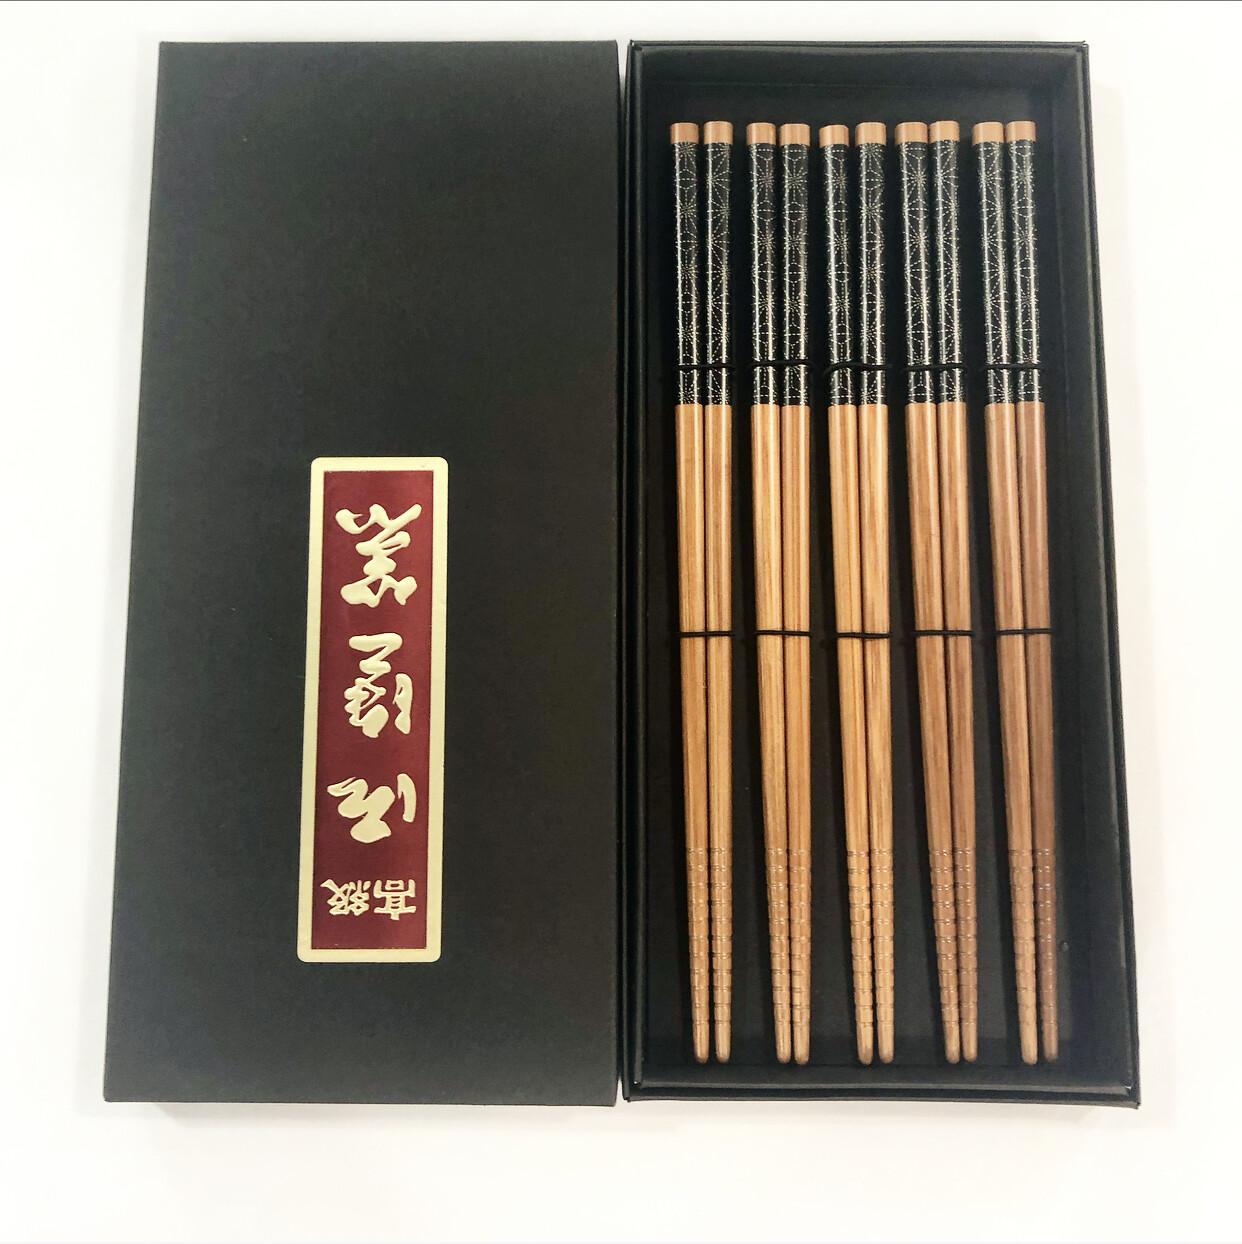 CONCEPT JAPAN-  Asanoha design / chopsticks bamboo